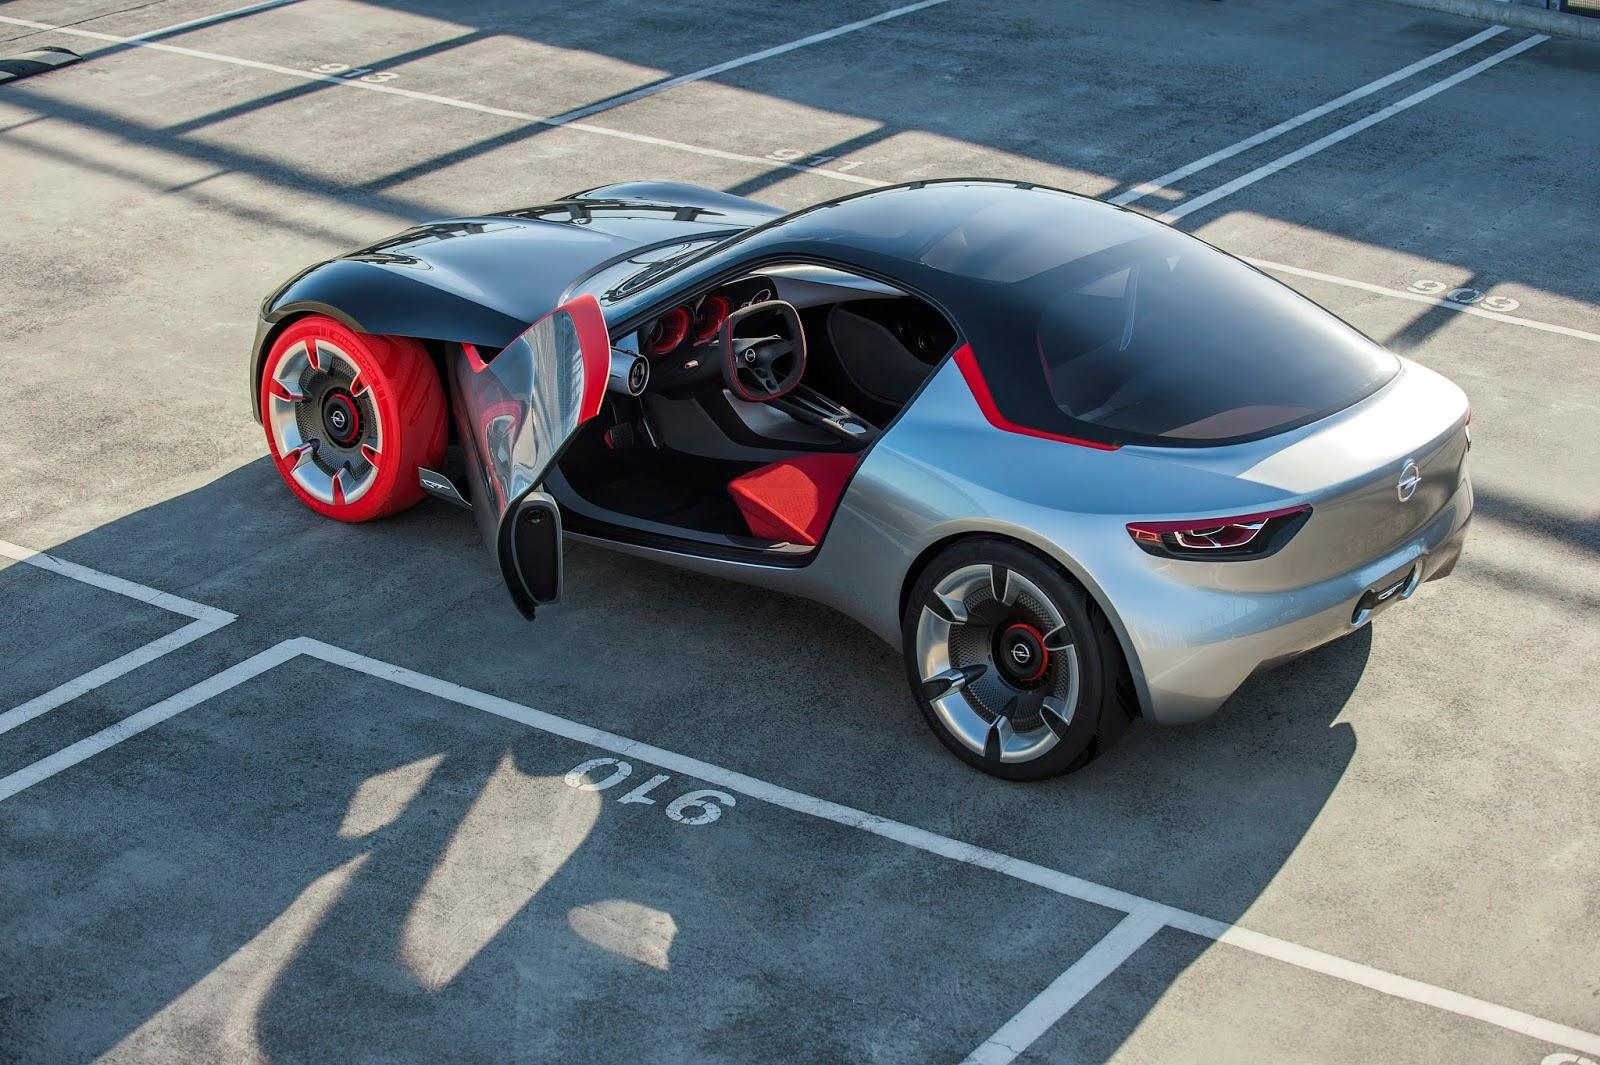 Opel GT Concept 298986 Το Opel GT concept βραβεύτηκε ως το καλύτερο πρωτότυπο αυτοκίνητο του 2016 Awards, Opel, Opel GT, Opel GT Concept